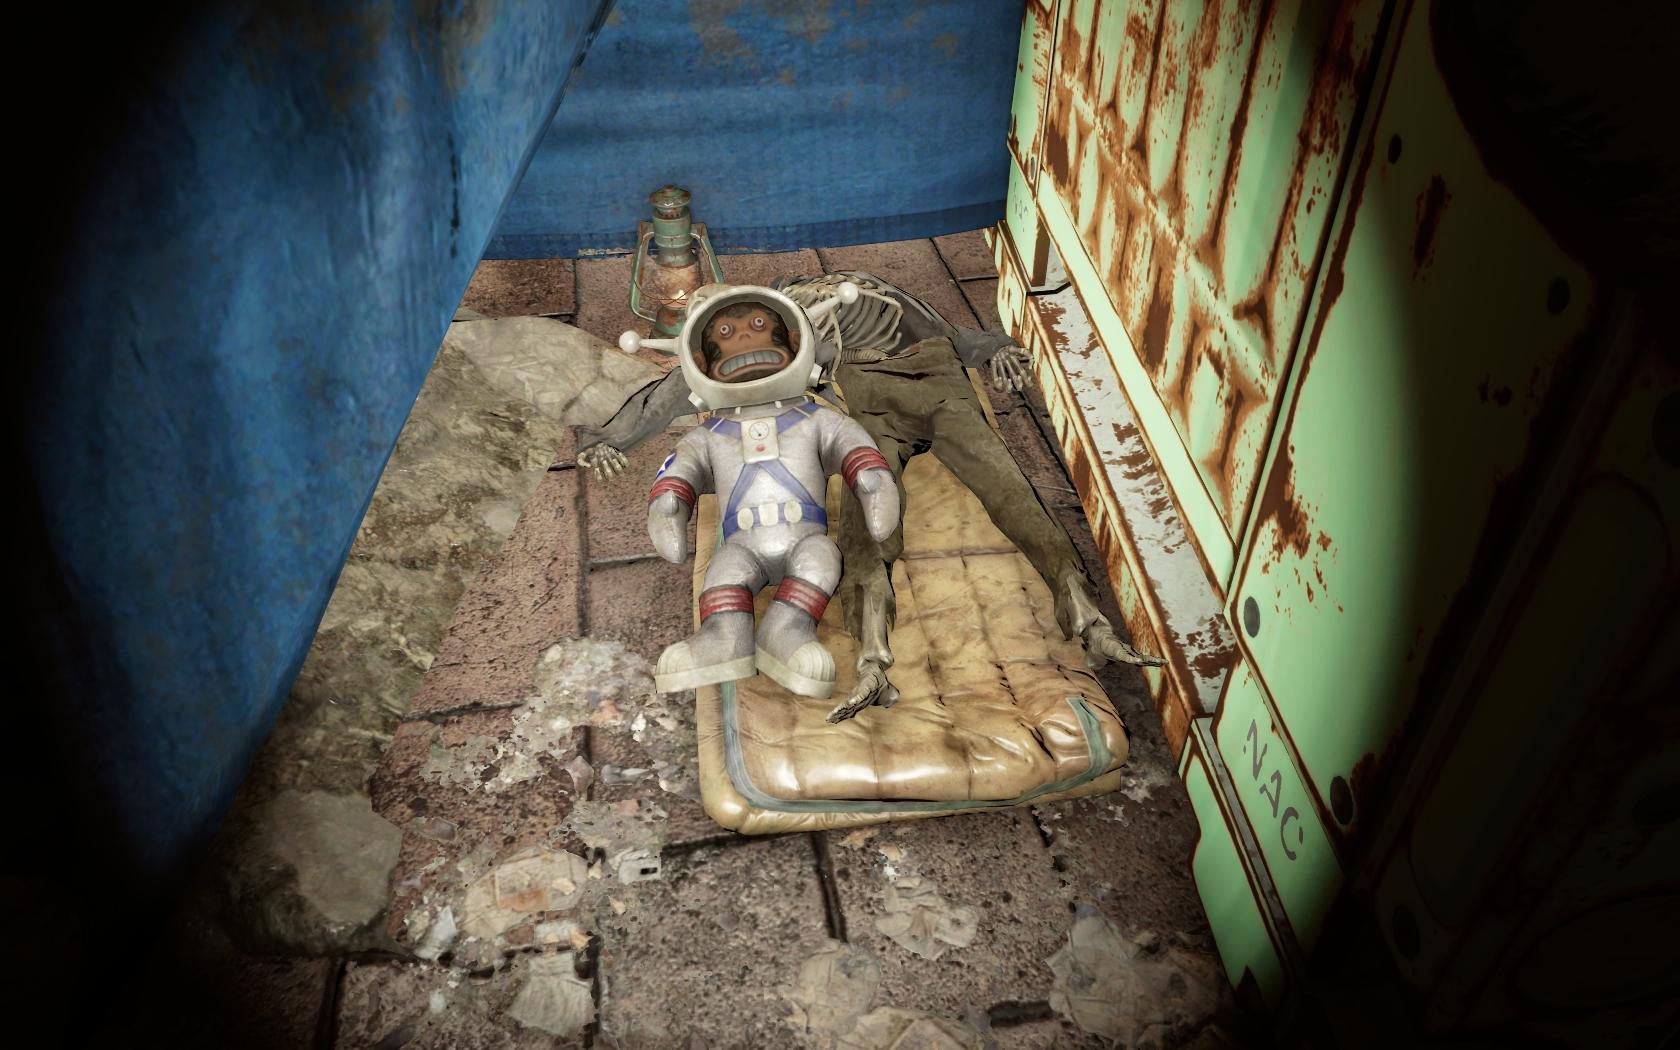 Мартышка (локация в квесте Раскопки) - Fallout 4 Лунная, мартышка, Раскопки, скелет